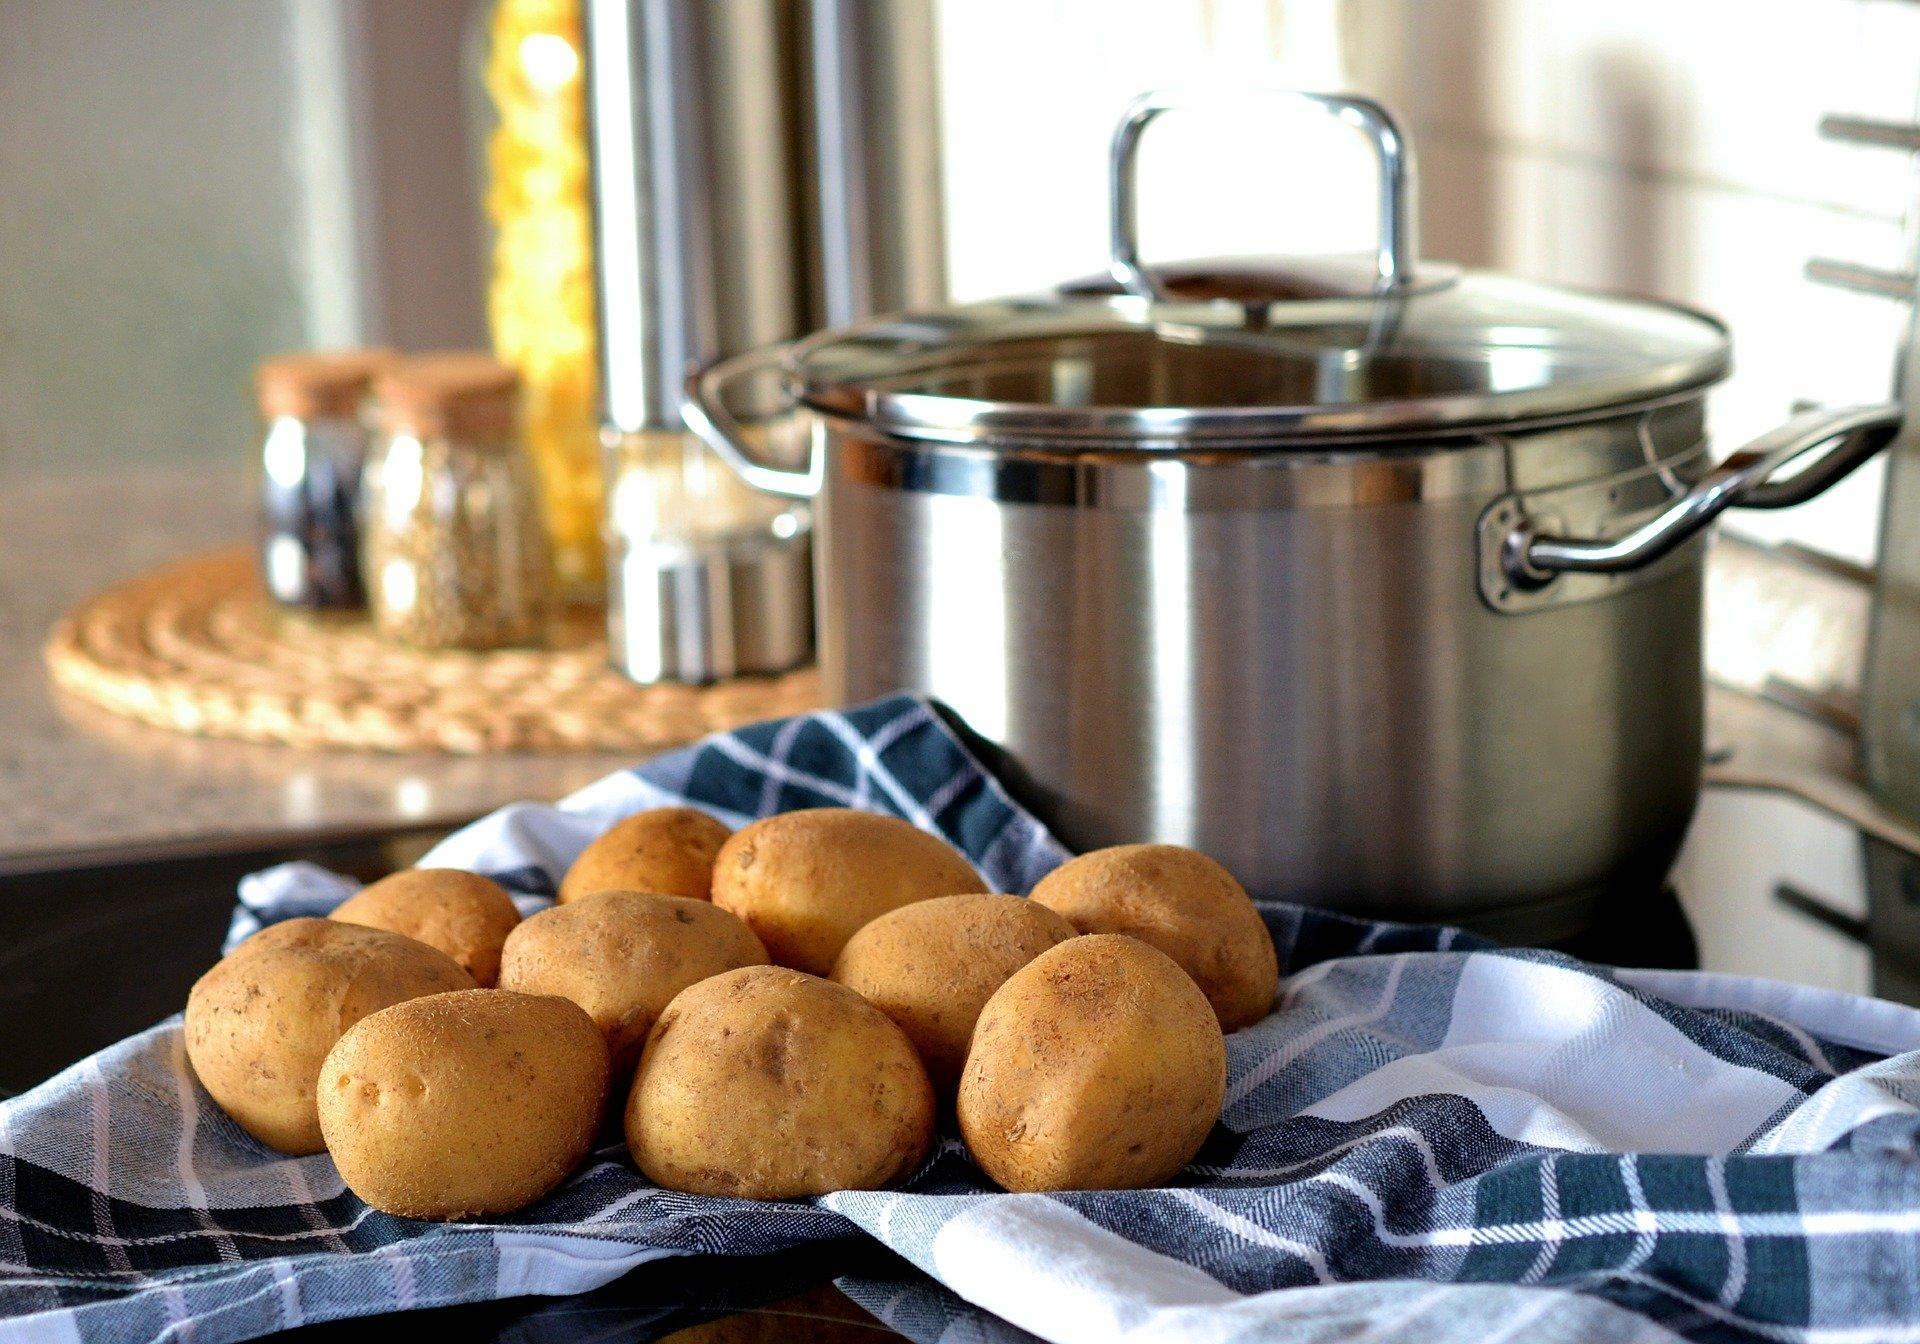 Caçarola de inox ao fundo com prato de batatas a frente